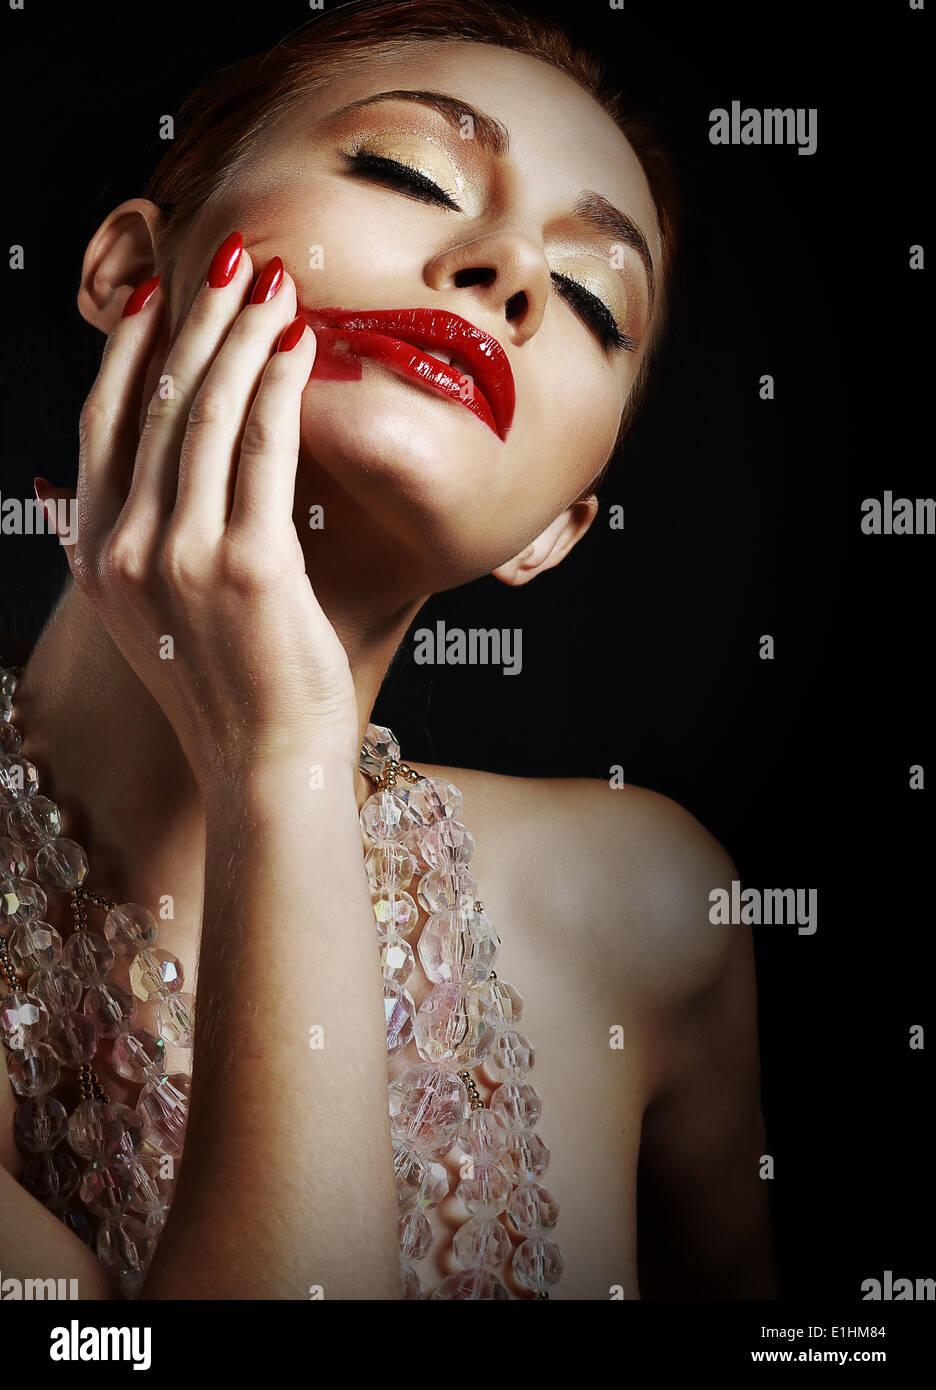 Donna con sbavature di rossetto rosso su nero Backround Immagini Stock